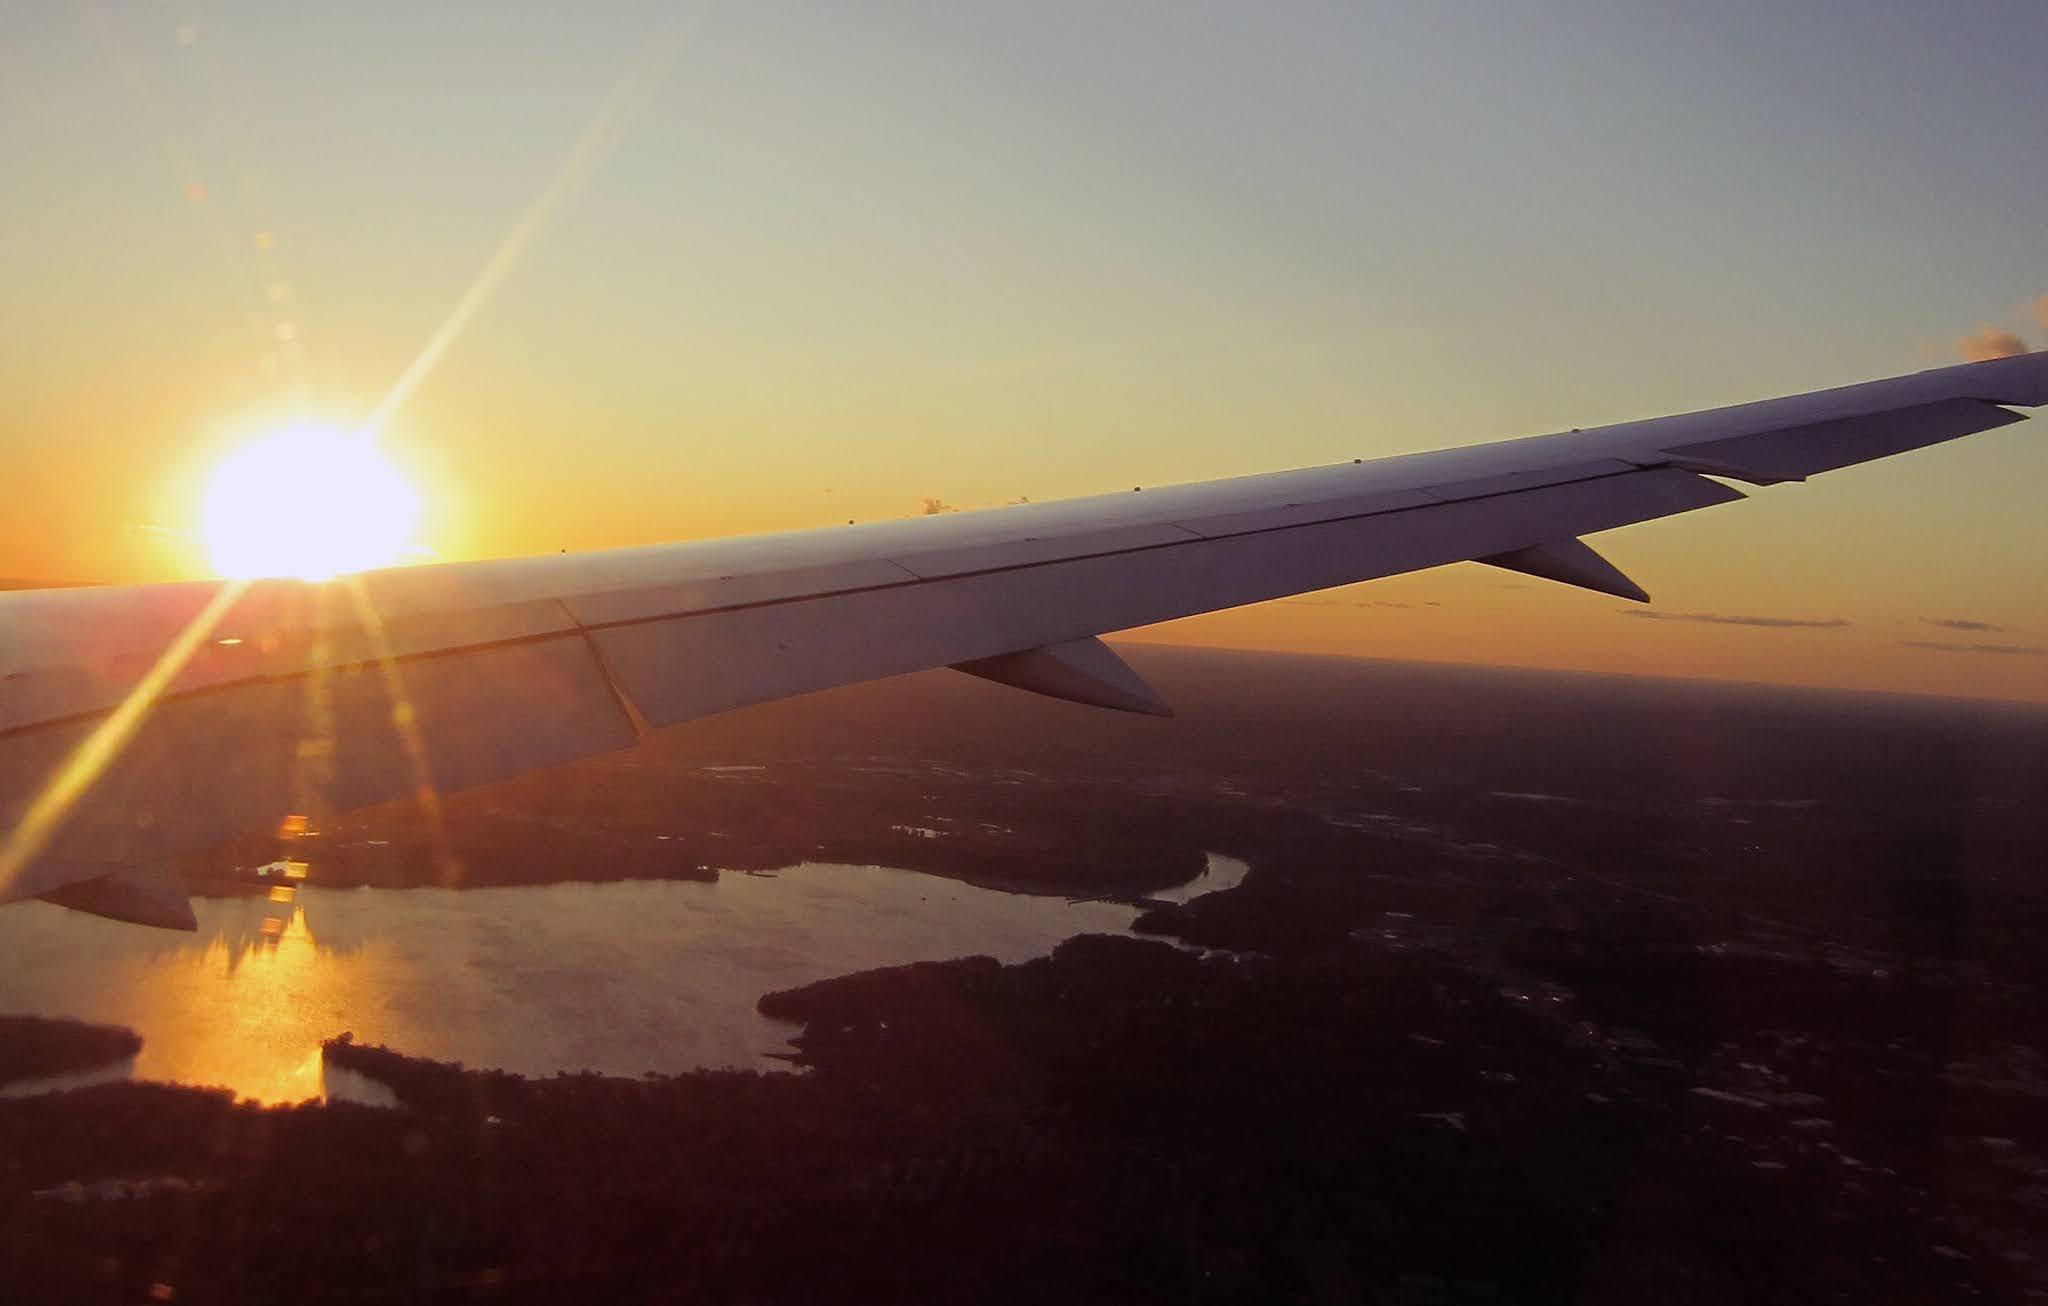 Sunset over Nashville on an aeroplane